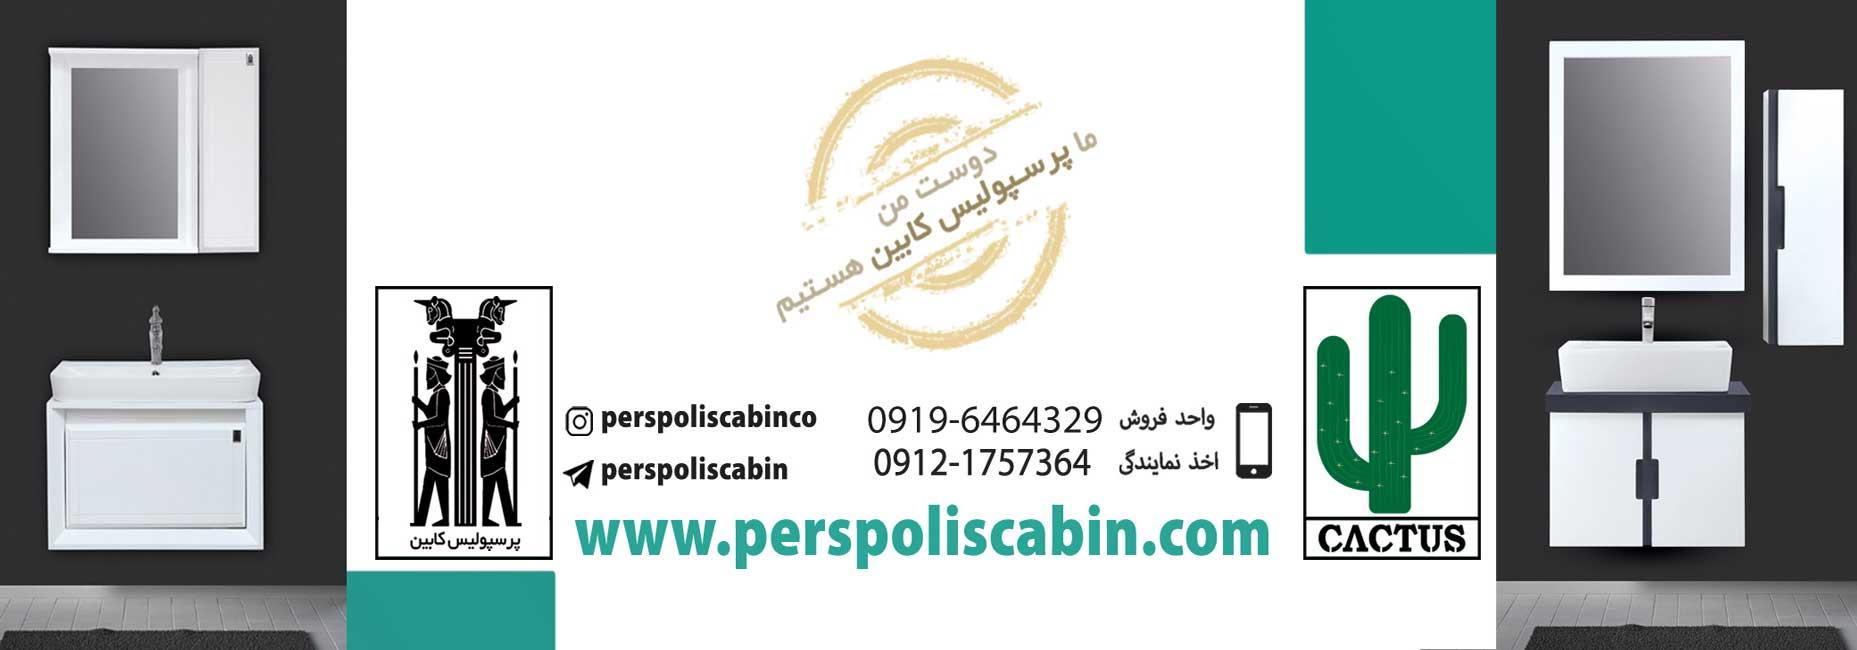 کابینت روشویی پرسپولیس کابین